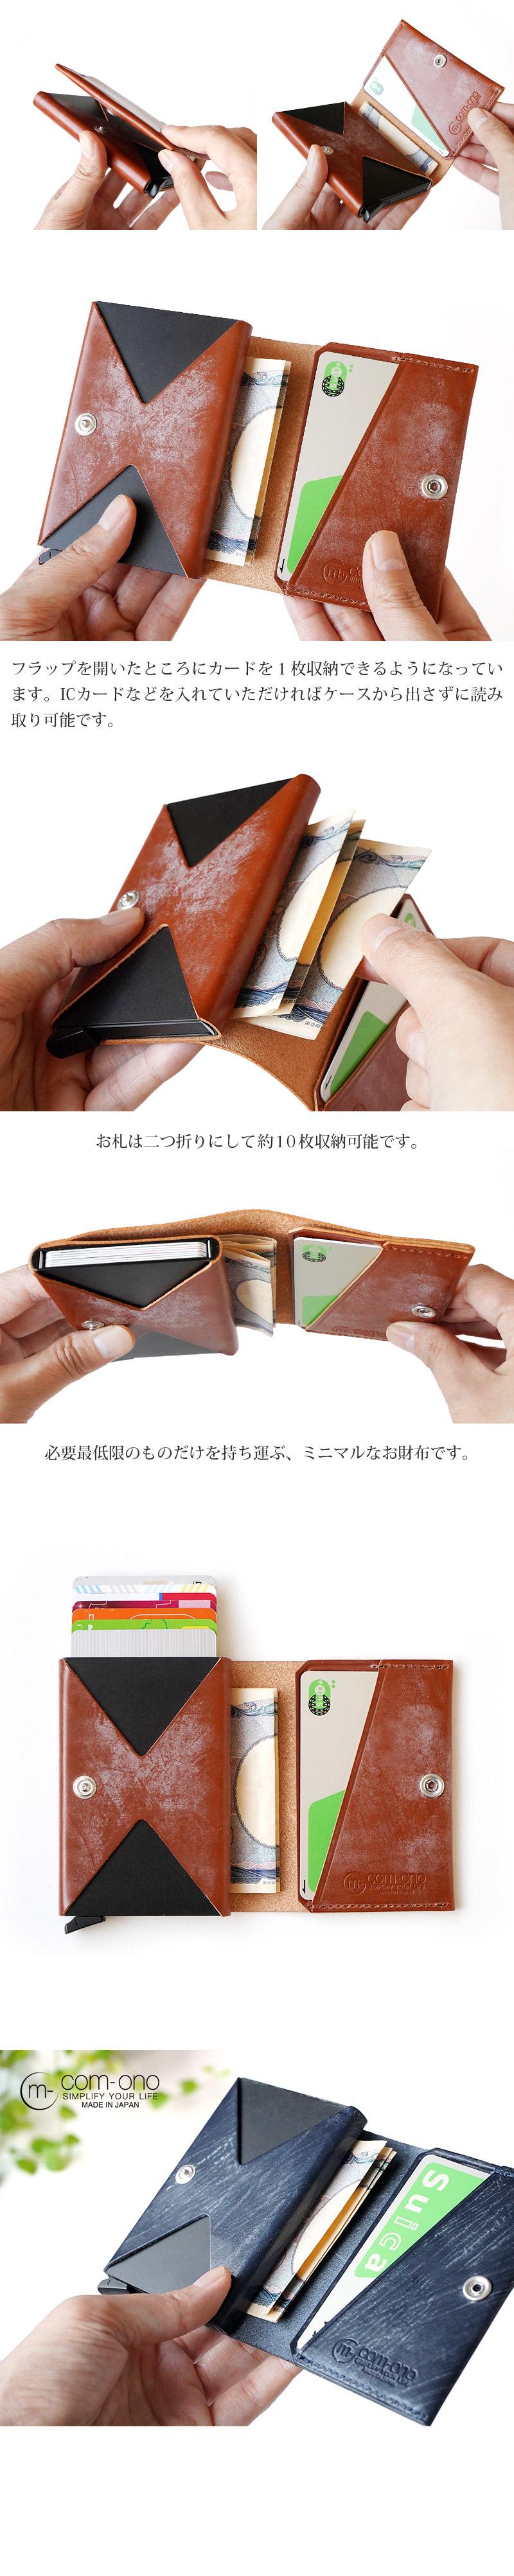 必要最低限のものだけを持ち運ぶ、ミニマルなお財布です。